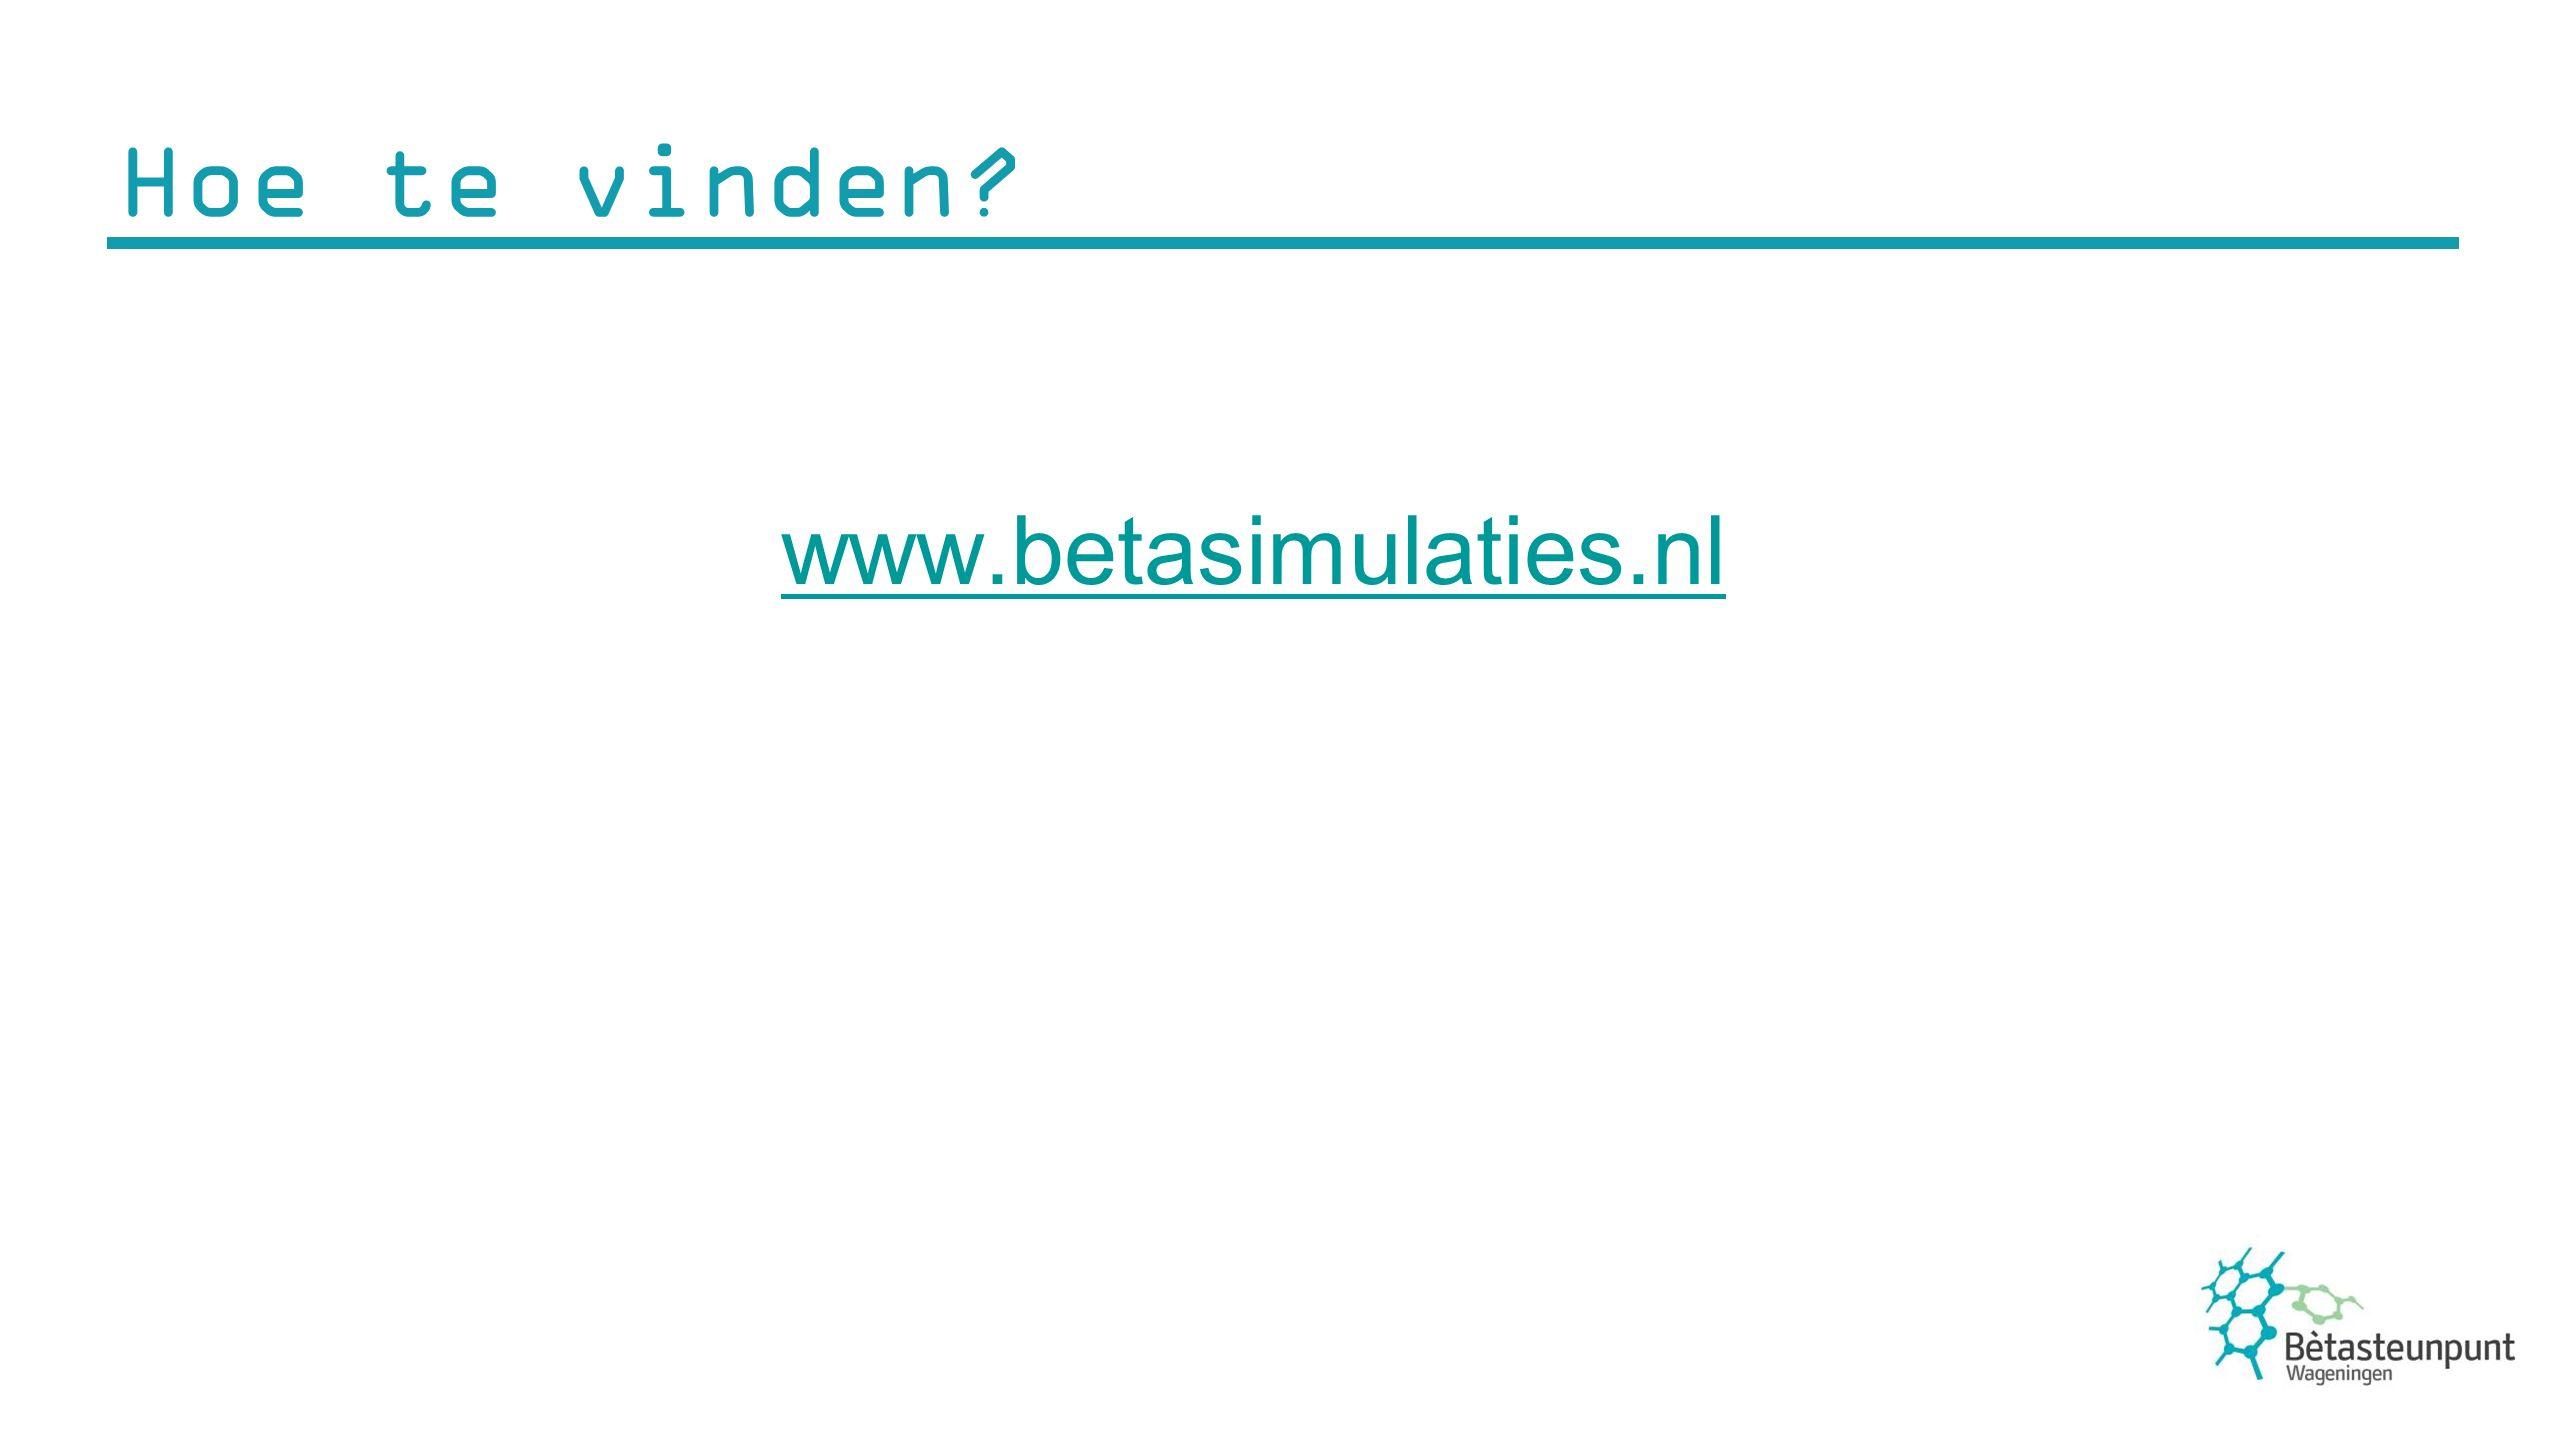 Hoe te vinden www.betasimulaties.nl